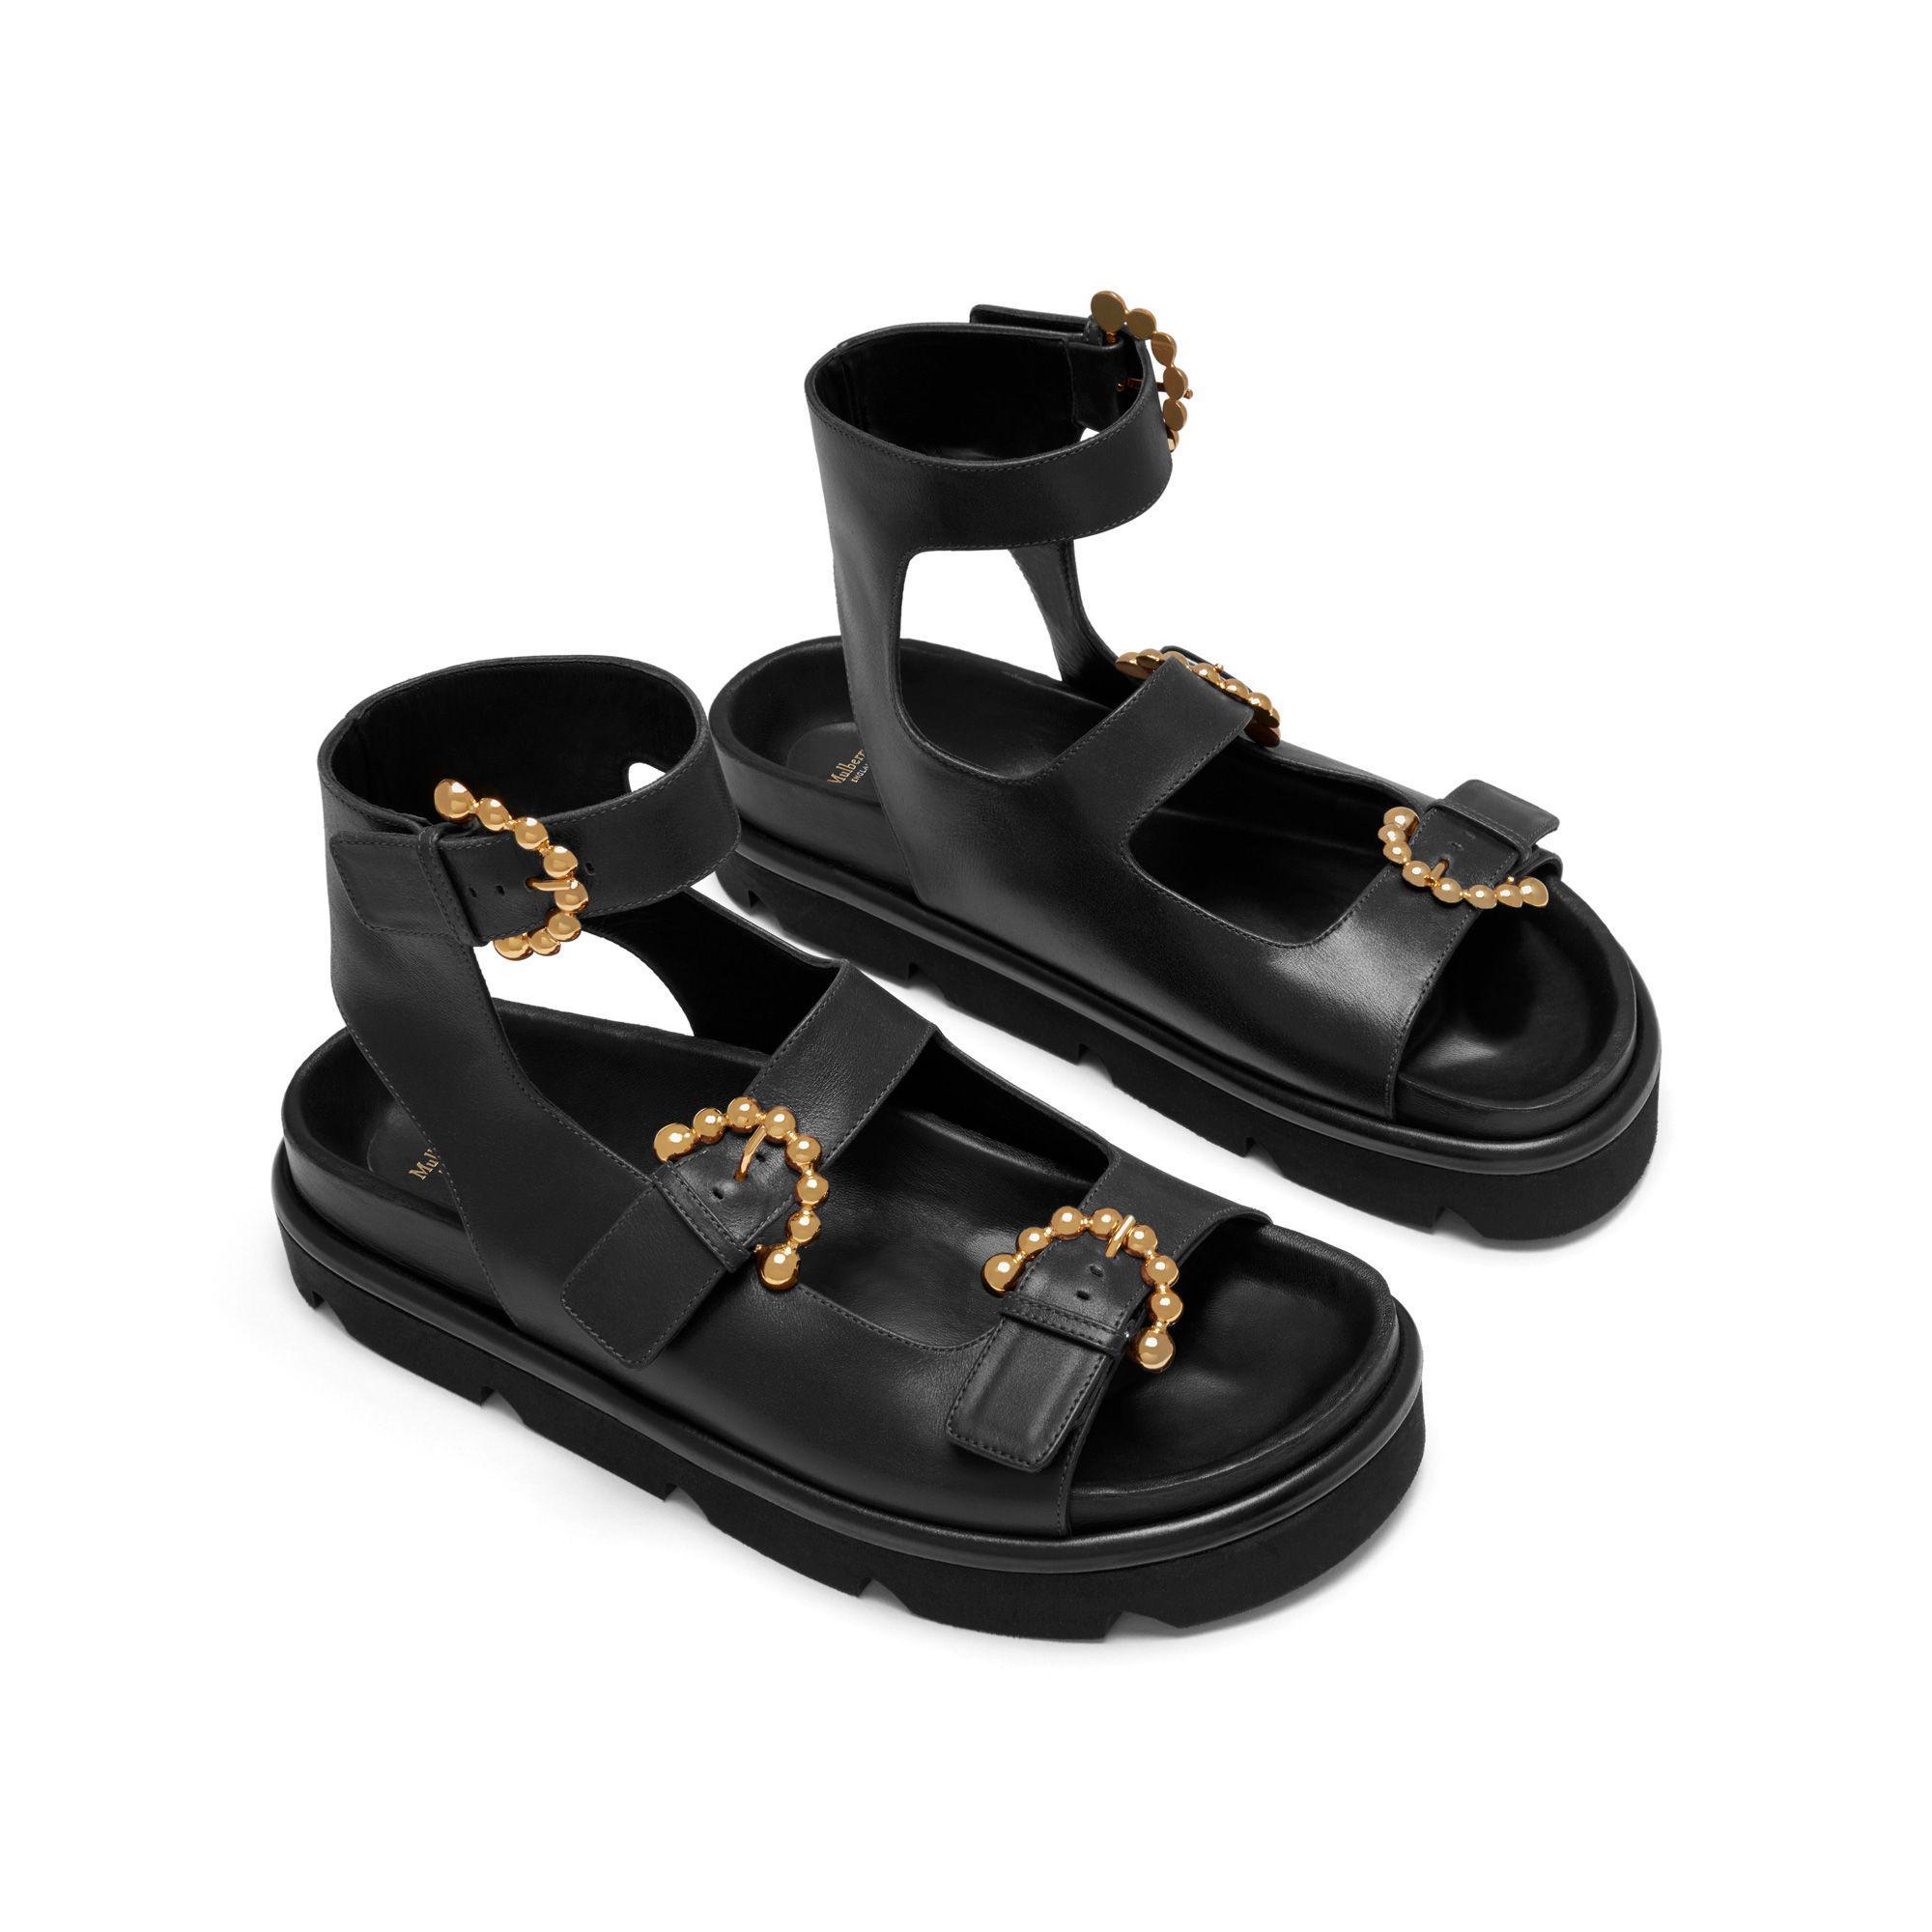 Mûriers Sandales Bouclées - Noir 8firb3R5